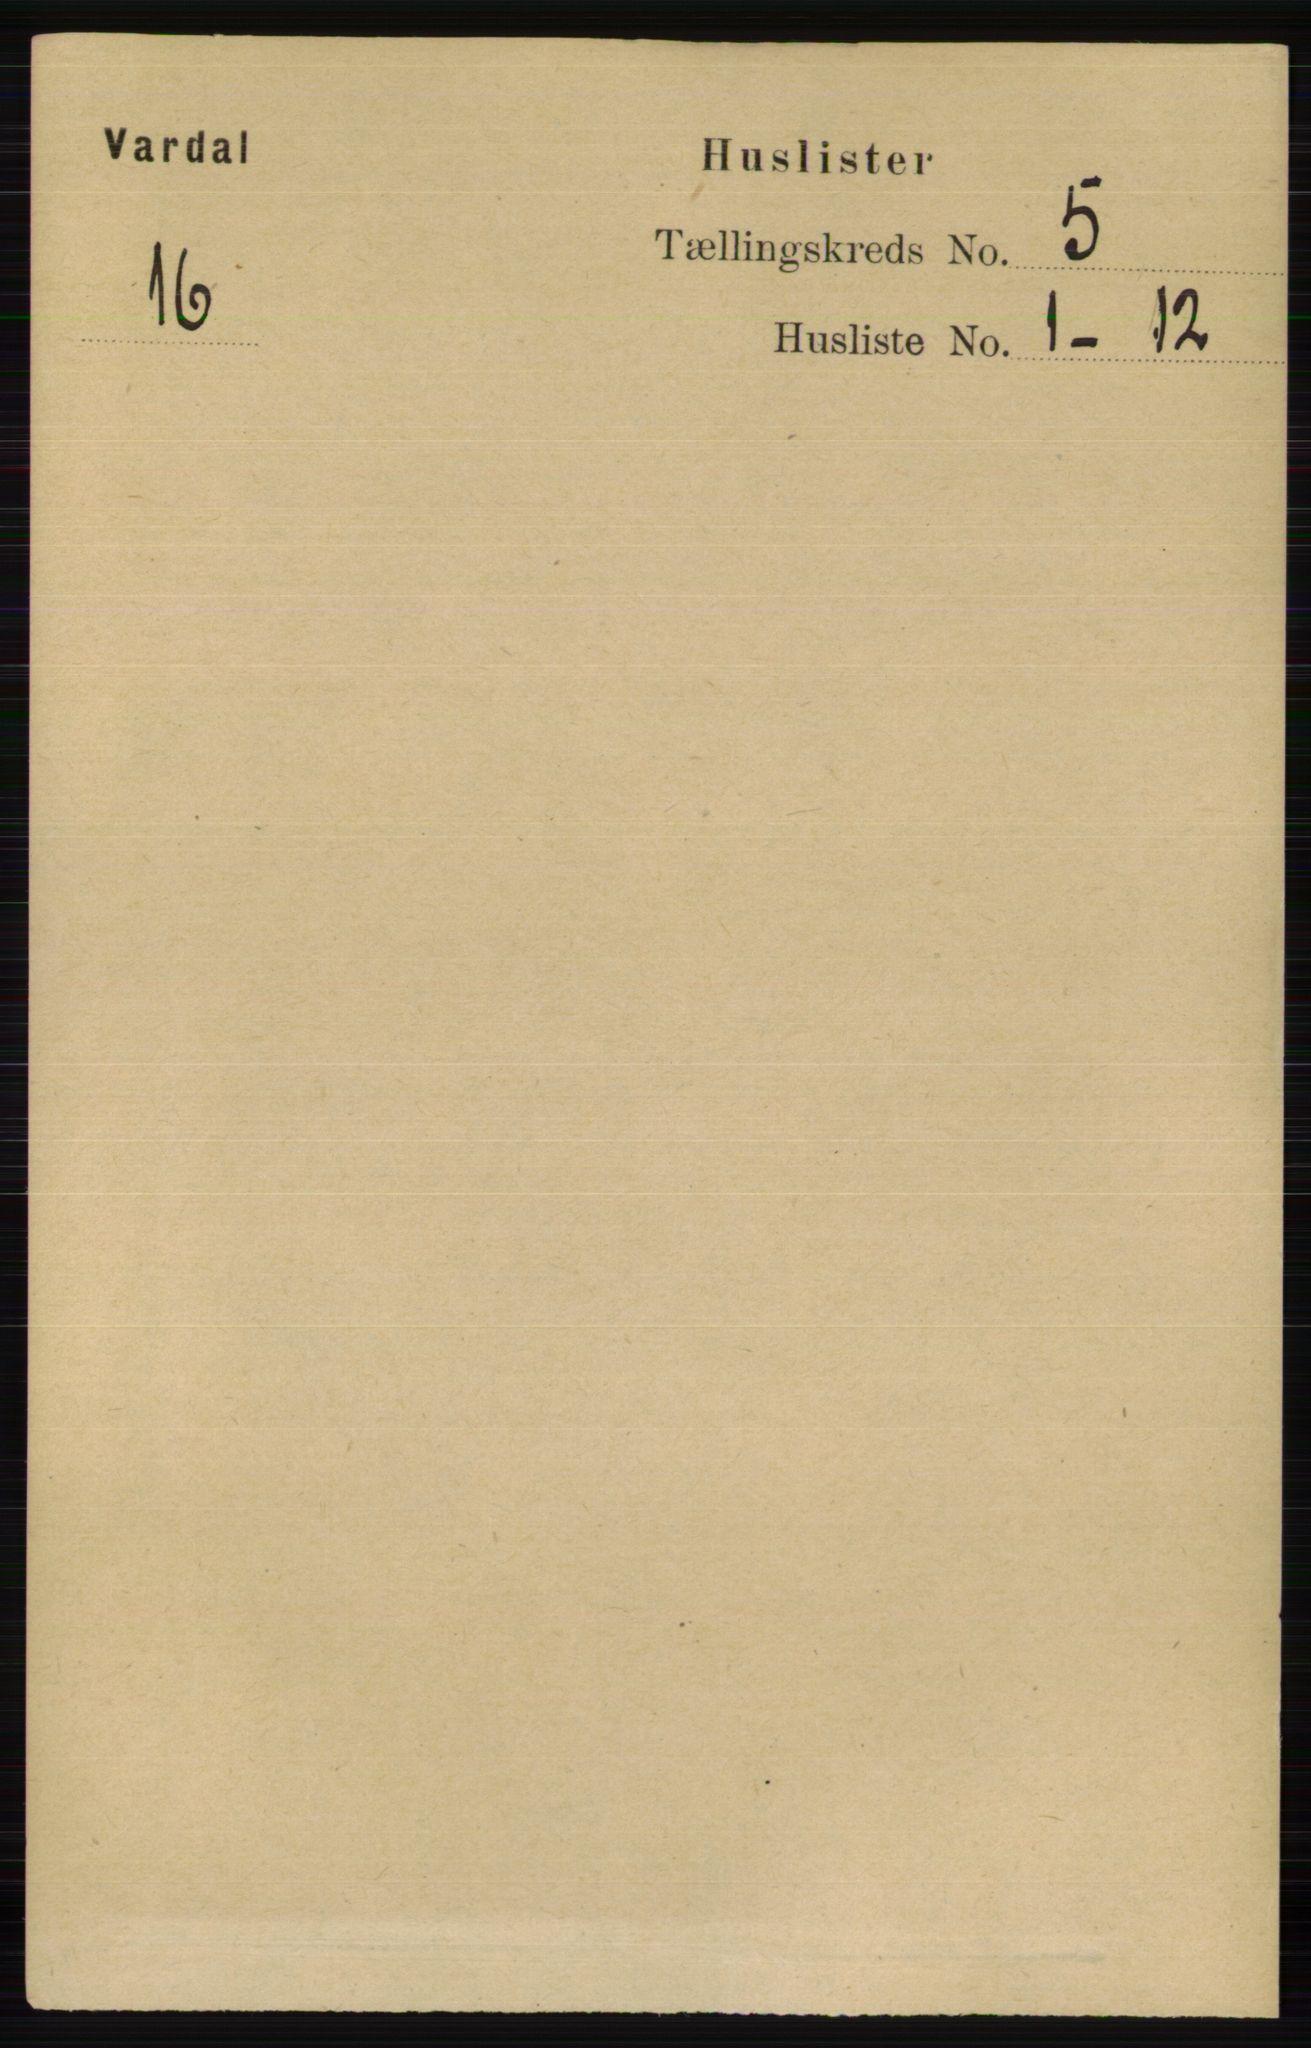 RA, Folketelling 1891 for 0527 Vardal herred, 1891, s. 2141